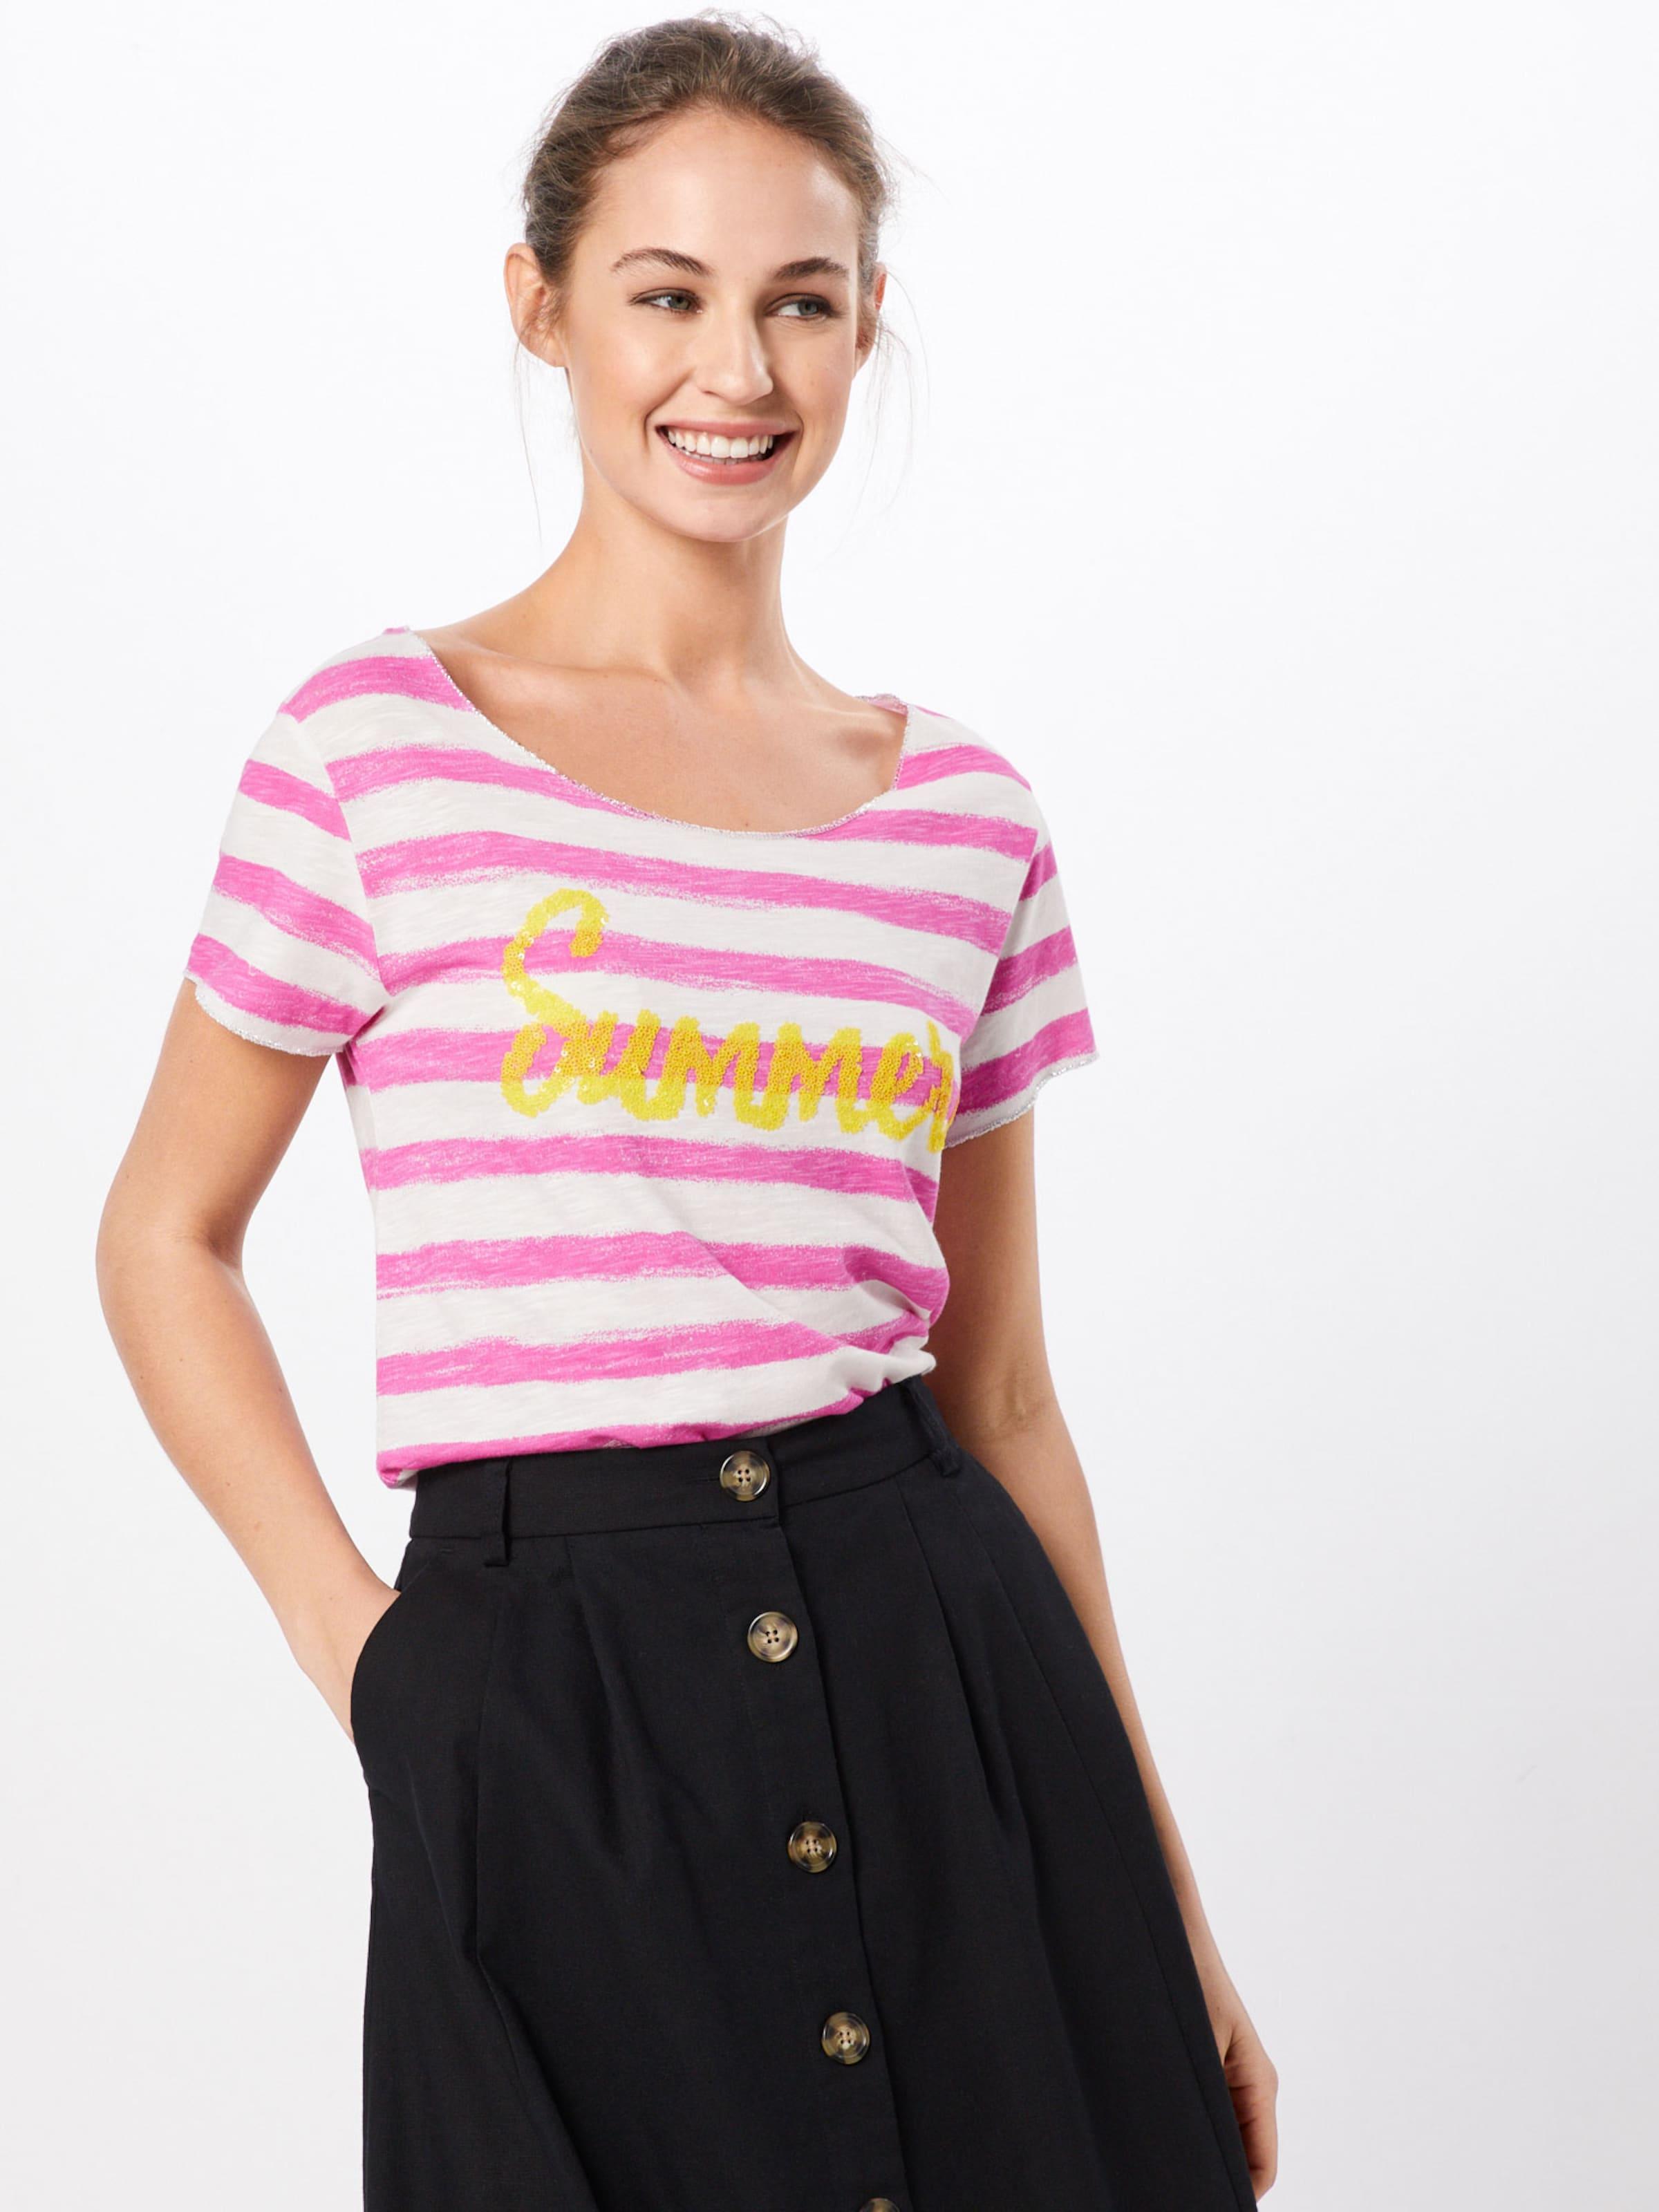 In Largo Key Largo PinkNaturweiß Key Largo Shirt Key PinkNaturweiß Shirt In f6gIb7mYyv